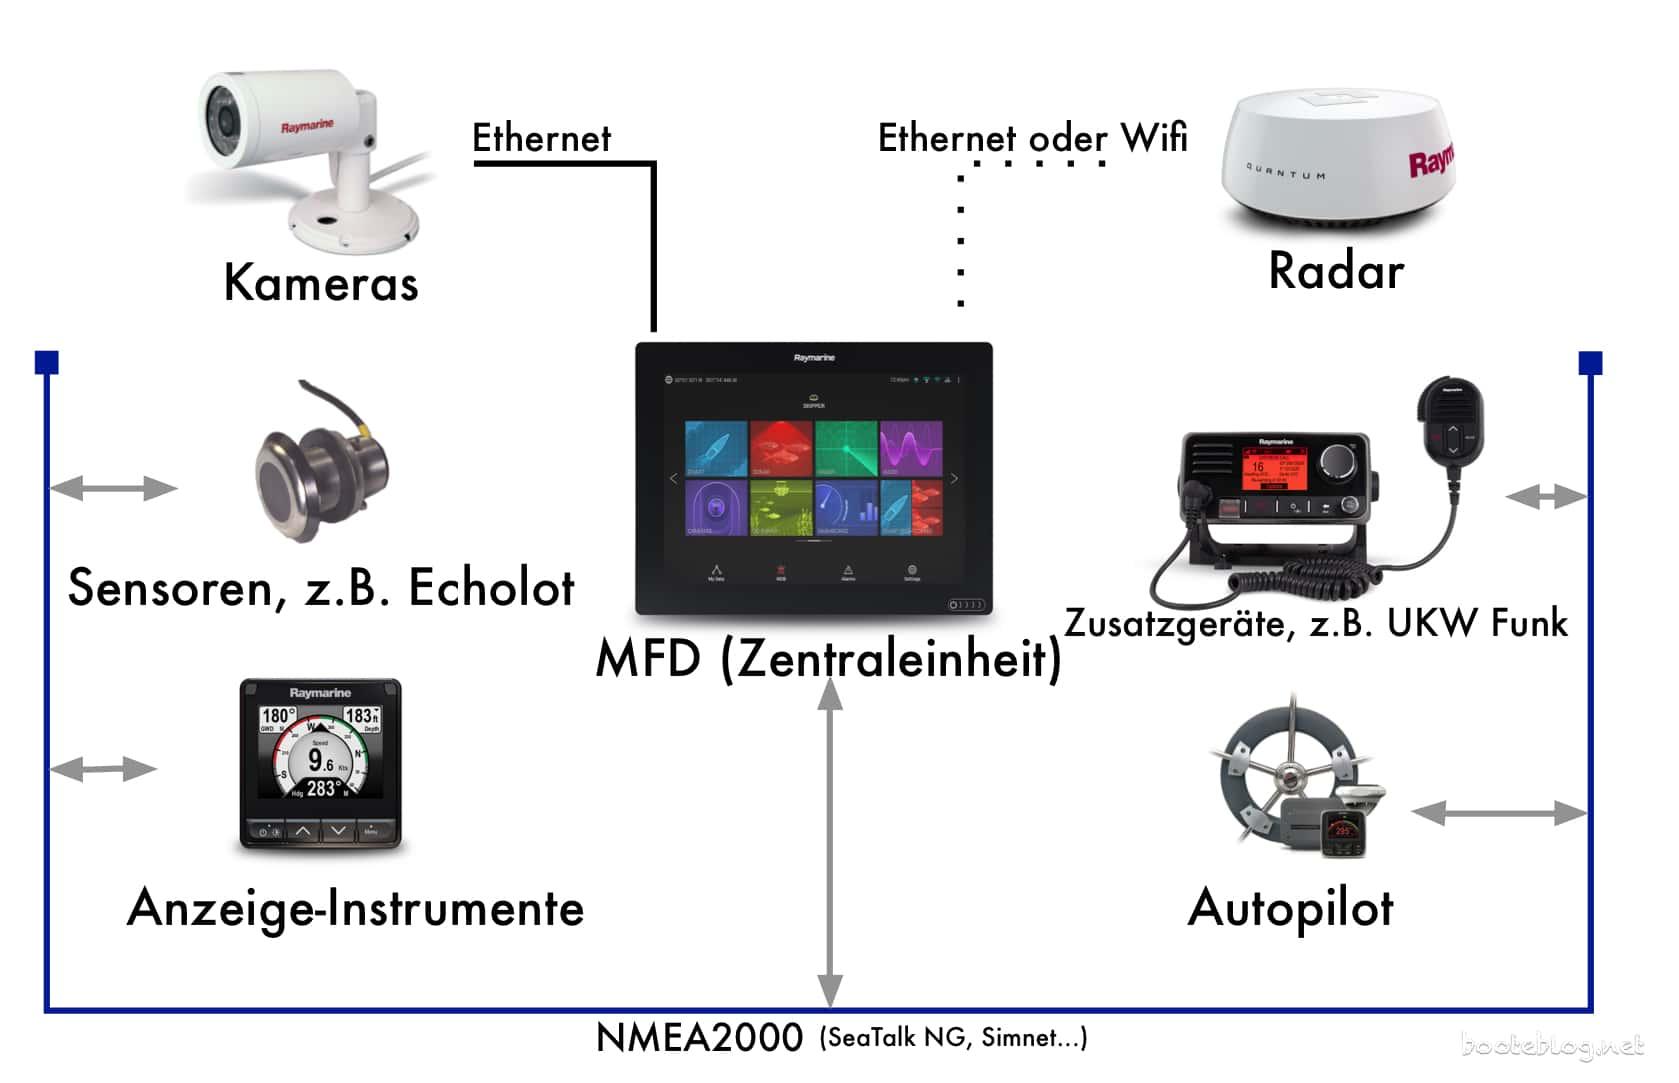 MFD, Plotter, Instrumente, Netzwerke auf dem Boot - eine ...